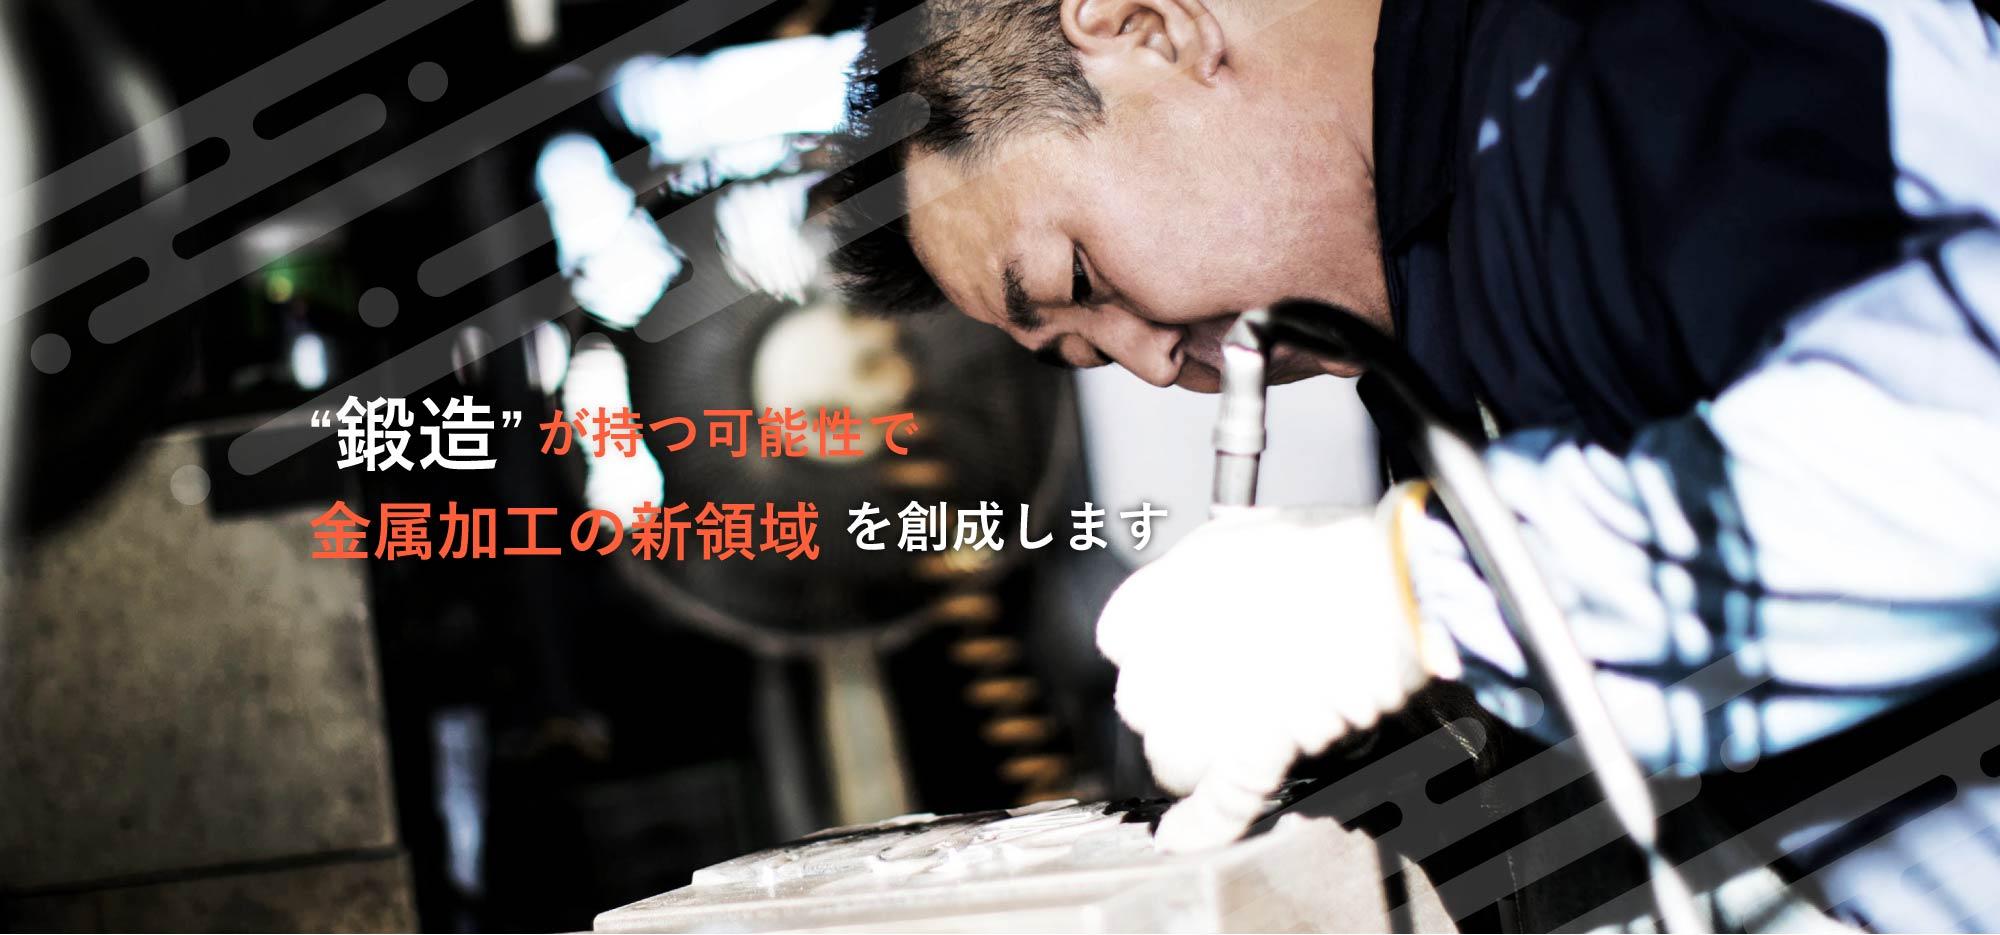 鍛造が持つ可能性で金属加工の新領域を創成します